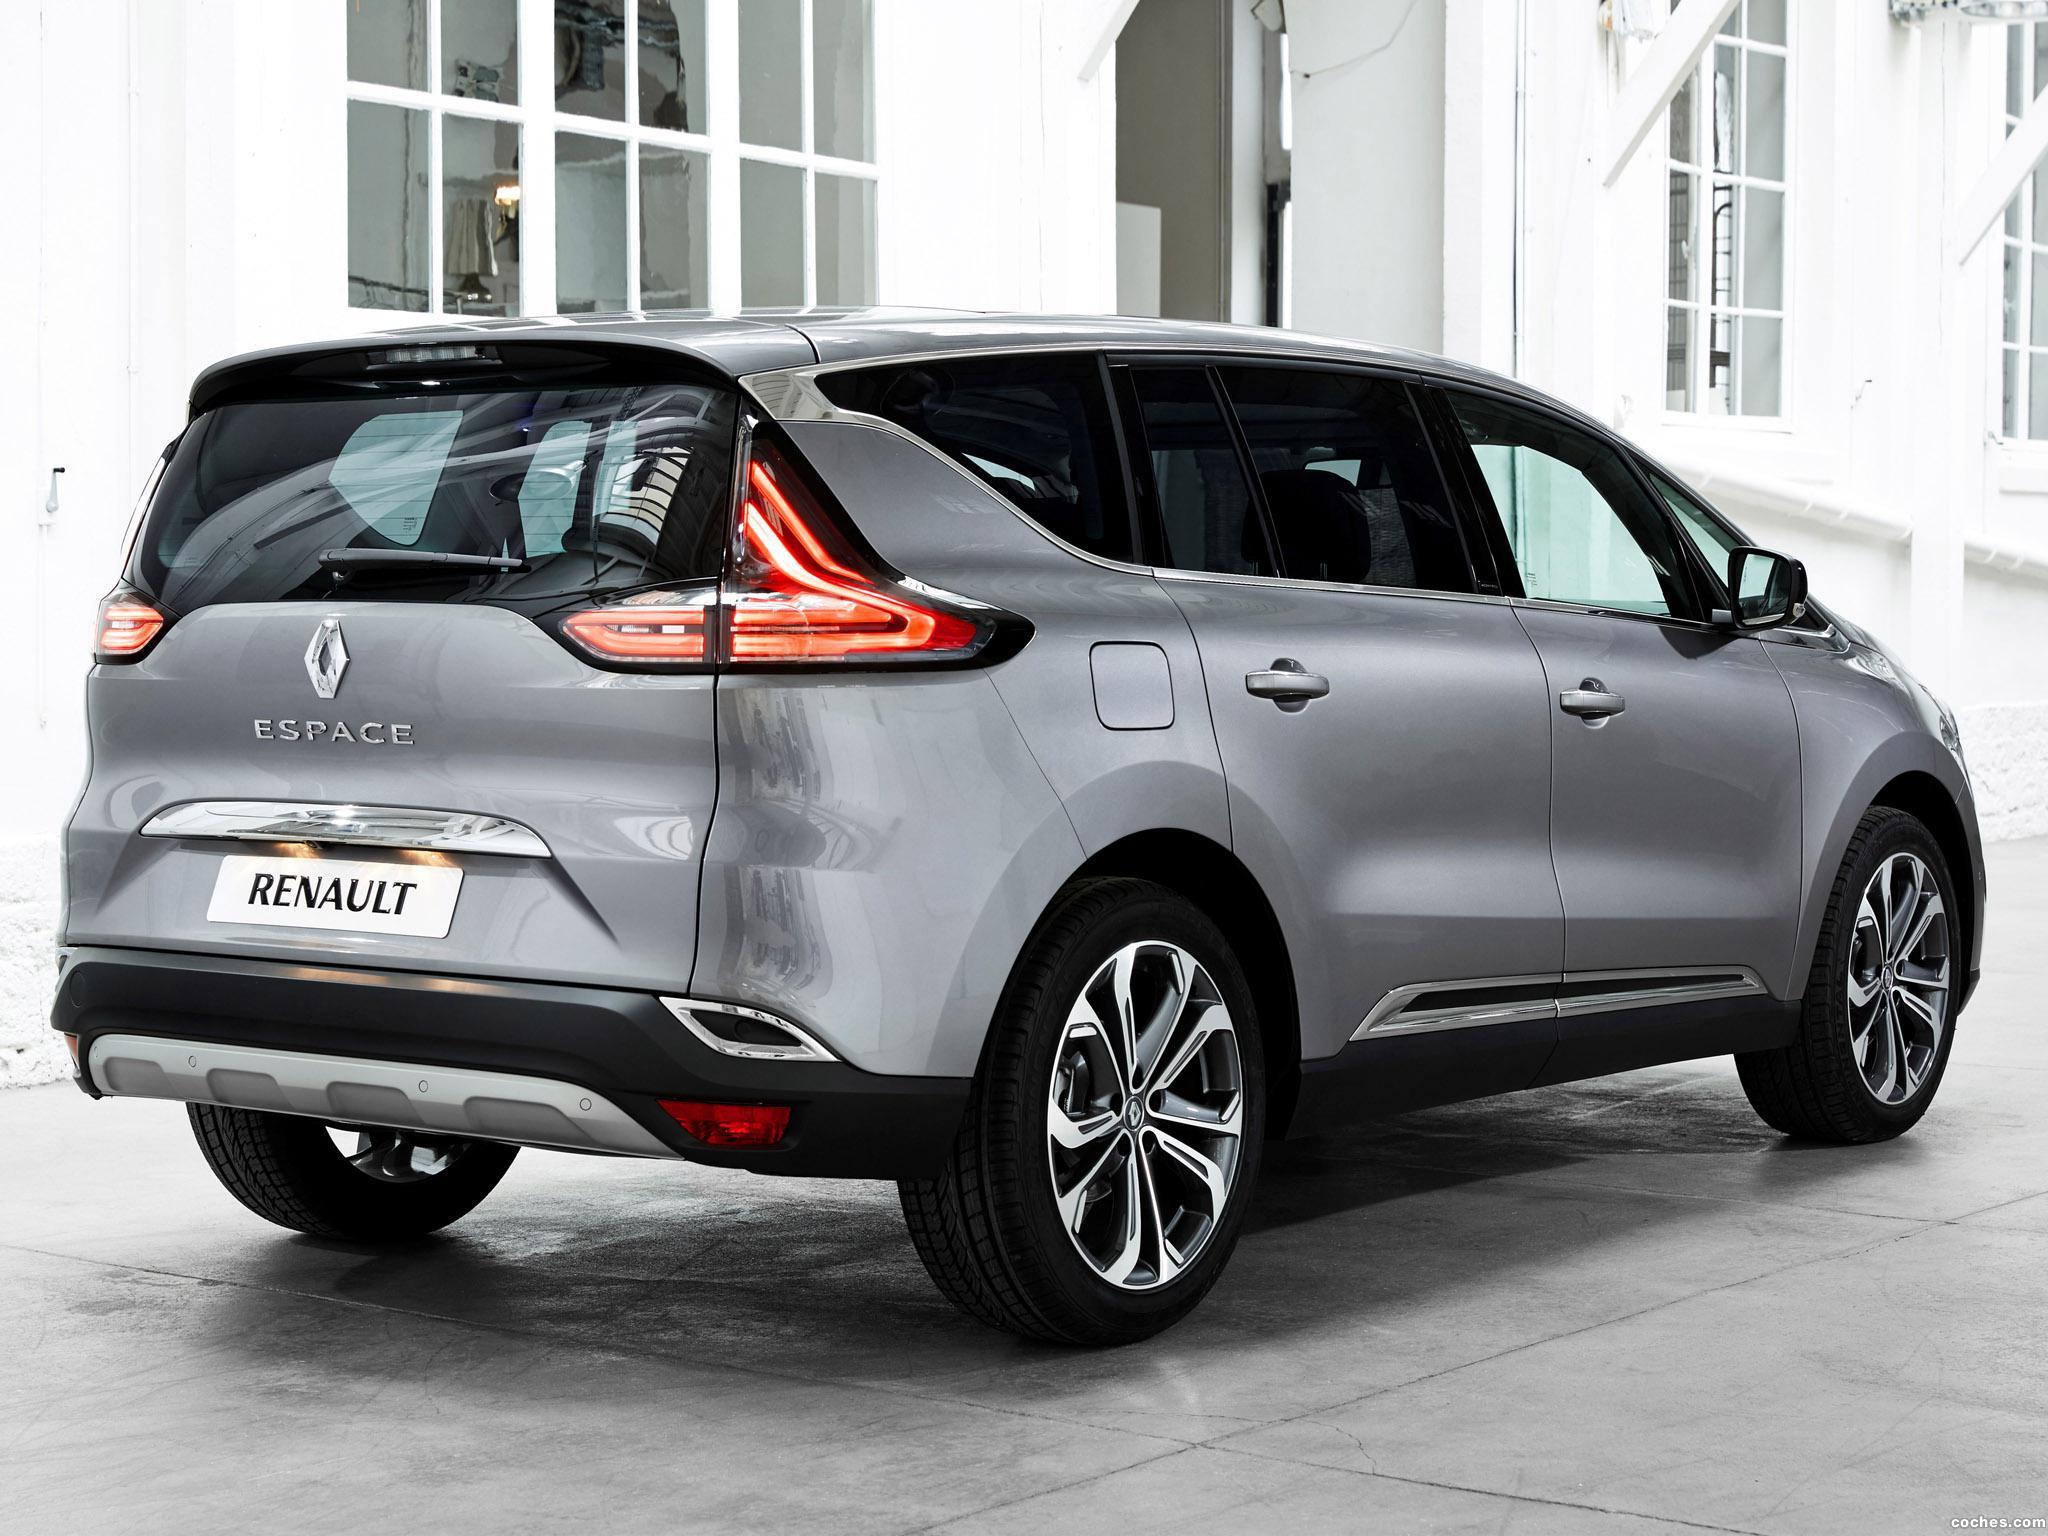 Foto 14 de Renault Espace 2015